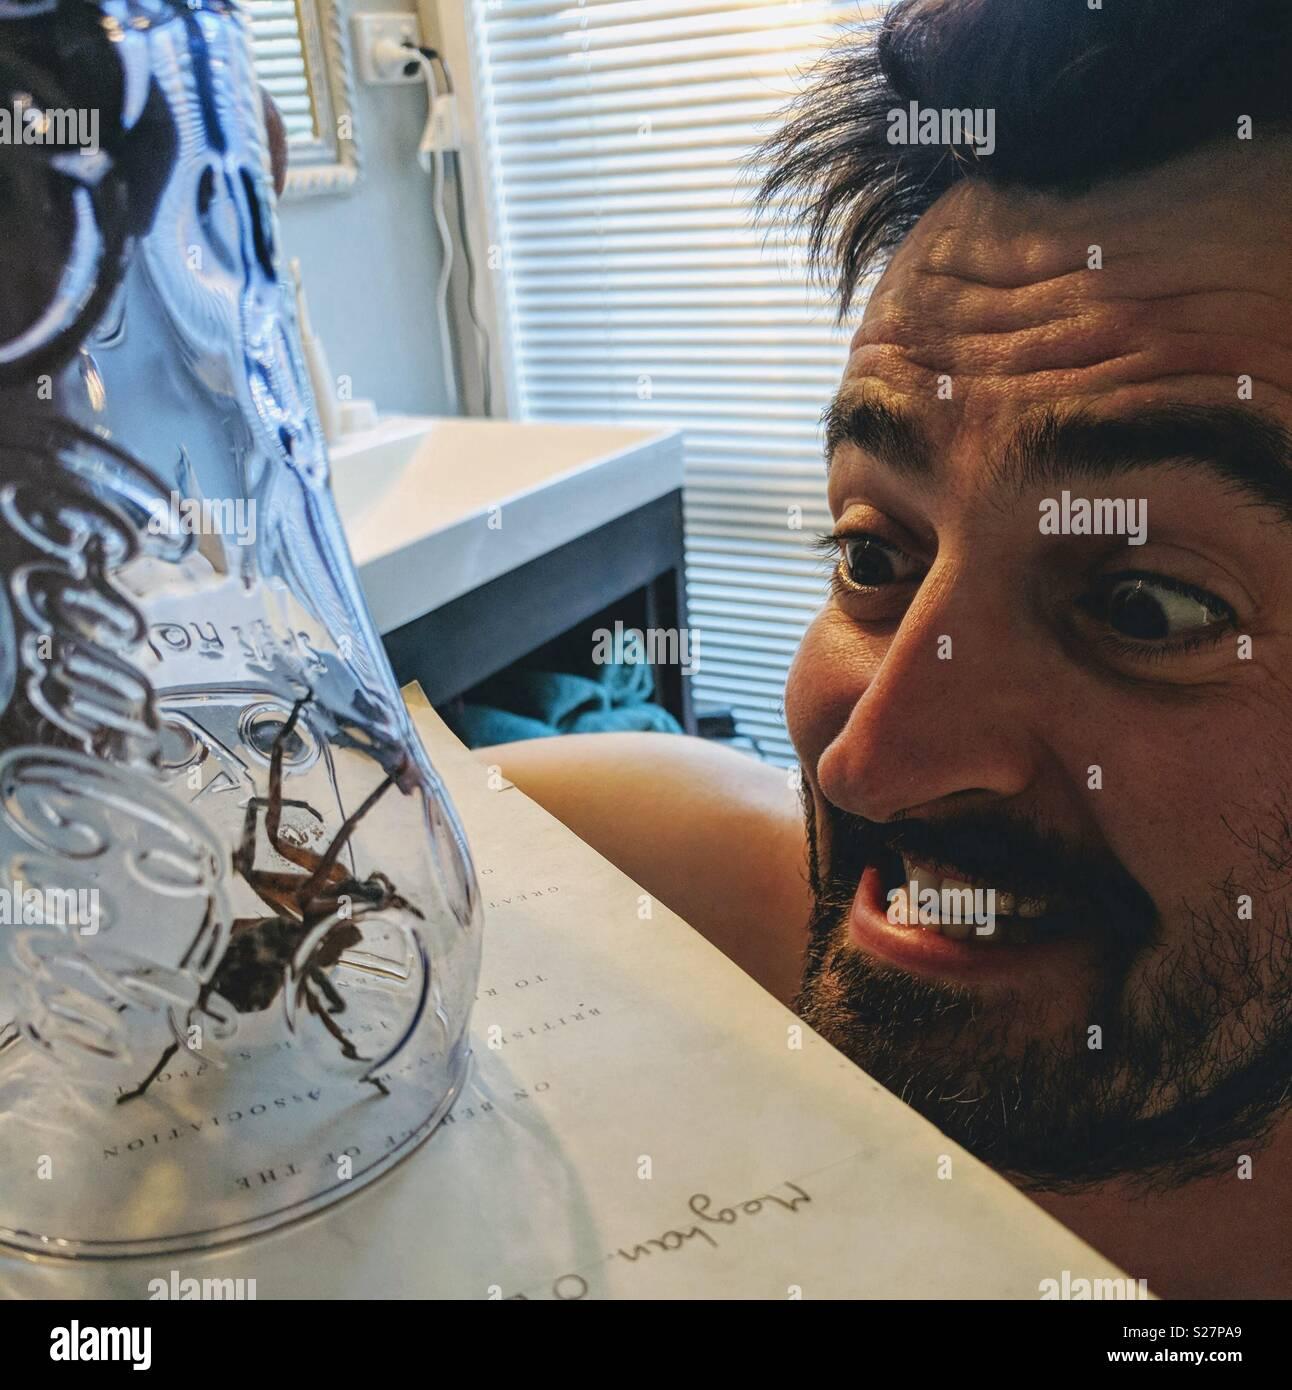 Spider Man vs Imagen De Stock